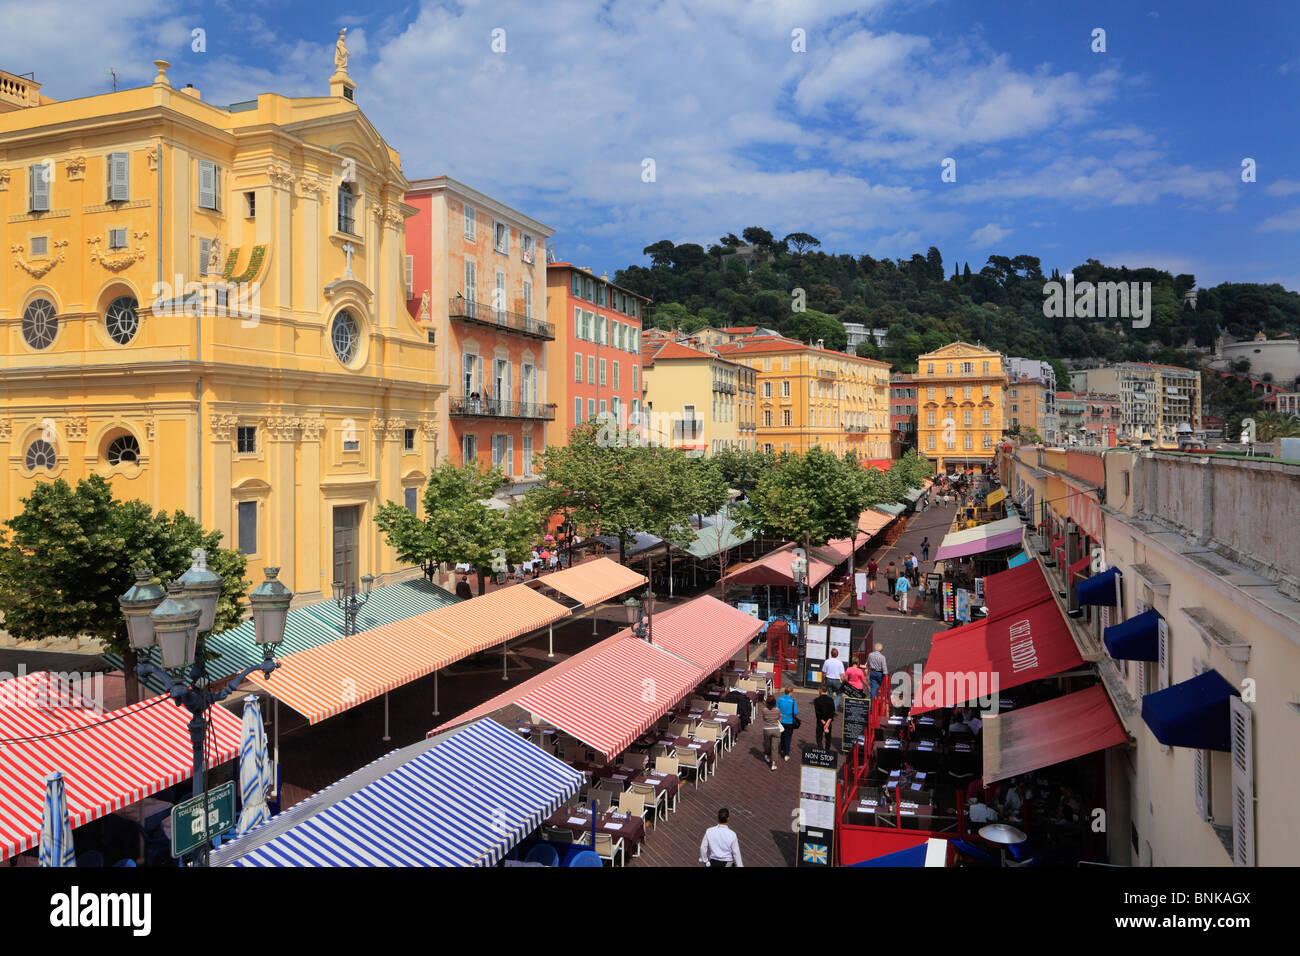 Blumenmarkt in der Altstadt, Vielle Ville, Teil von Nizza an der französischen riviera Stockbild